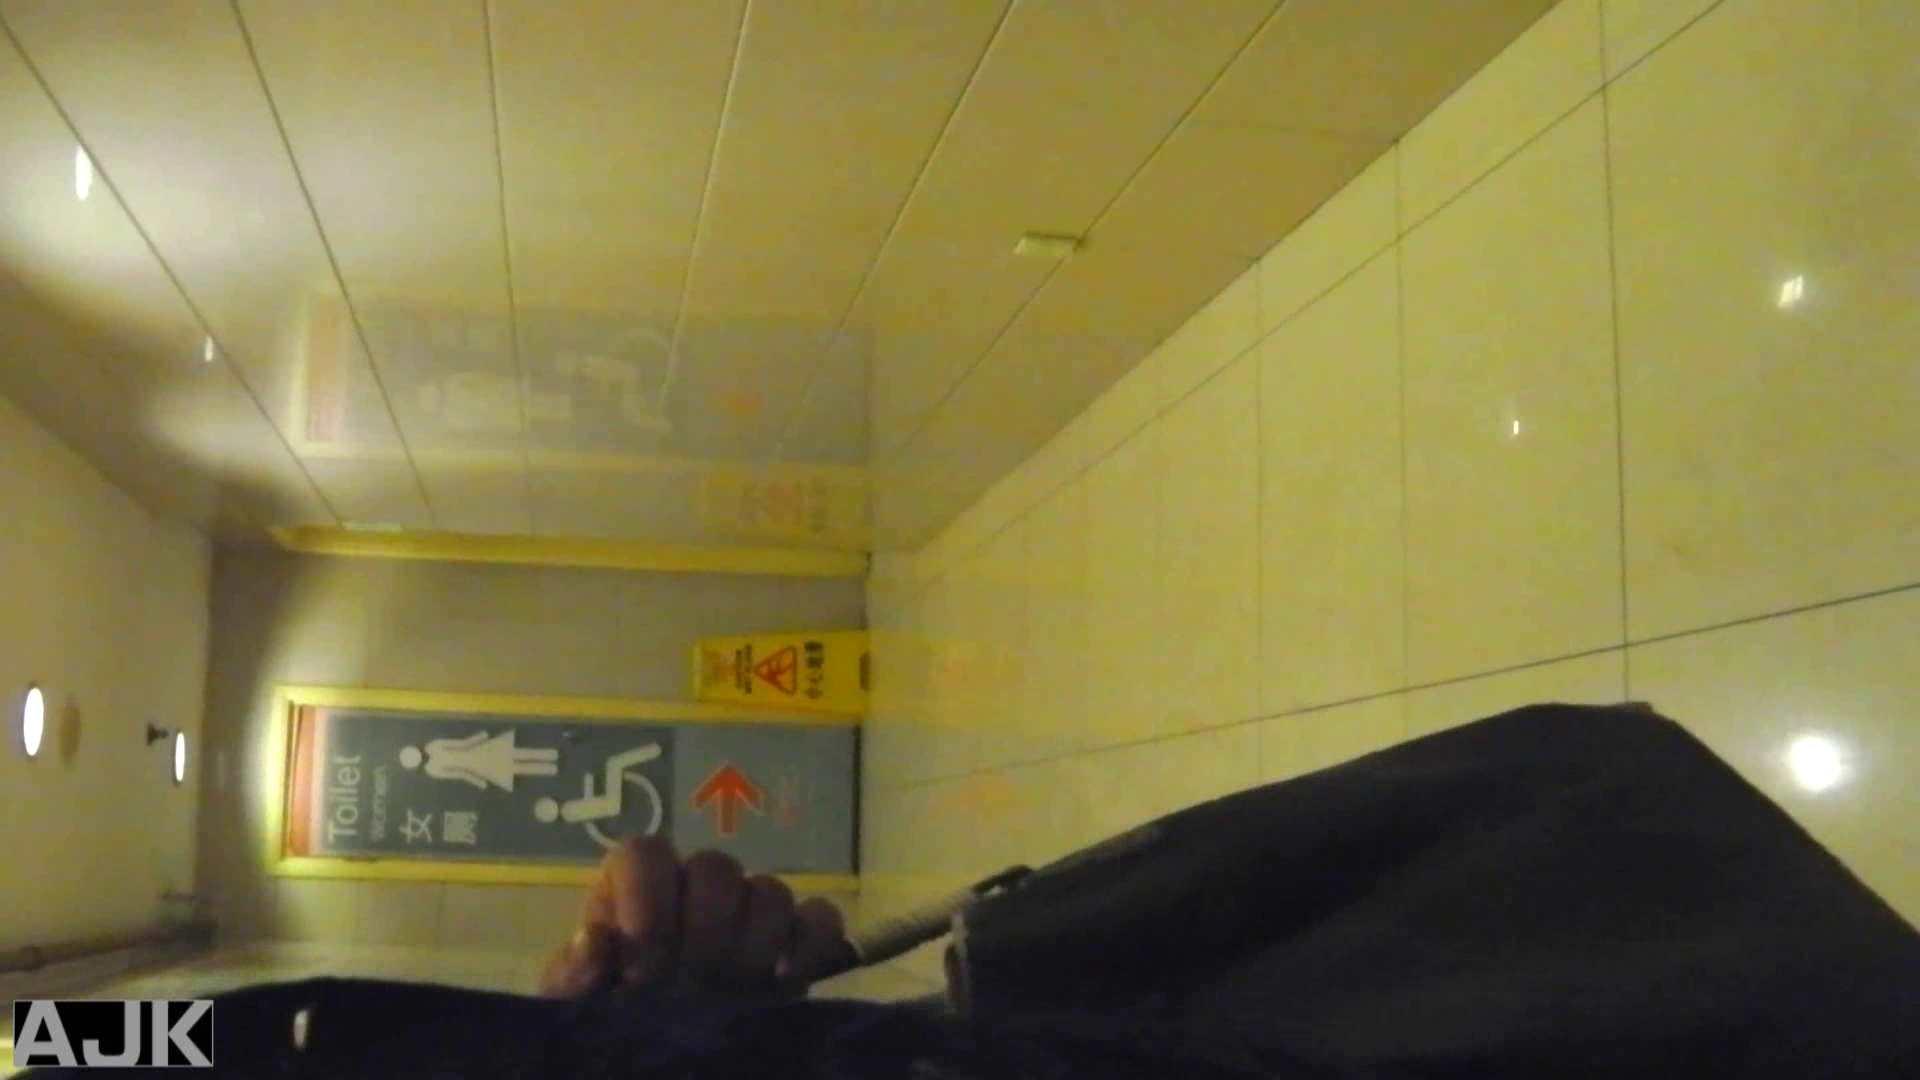 隣国上階級エリアの令嬢たちが集うデパートお手洗い Vol.03 OL  87pic 27